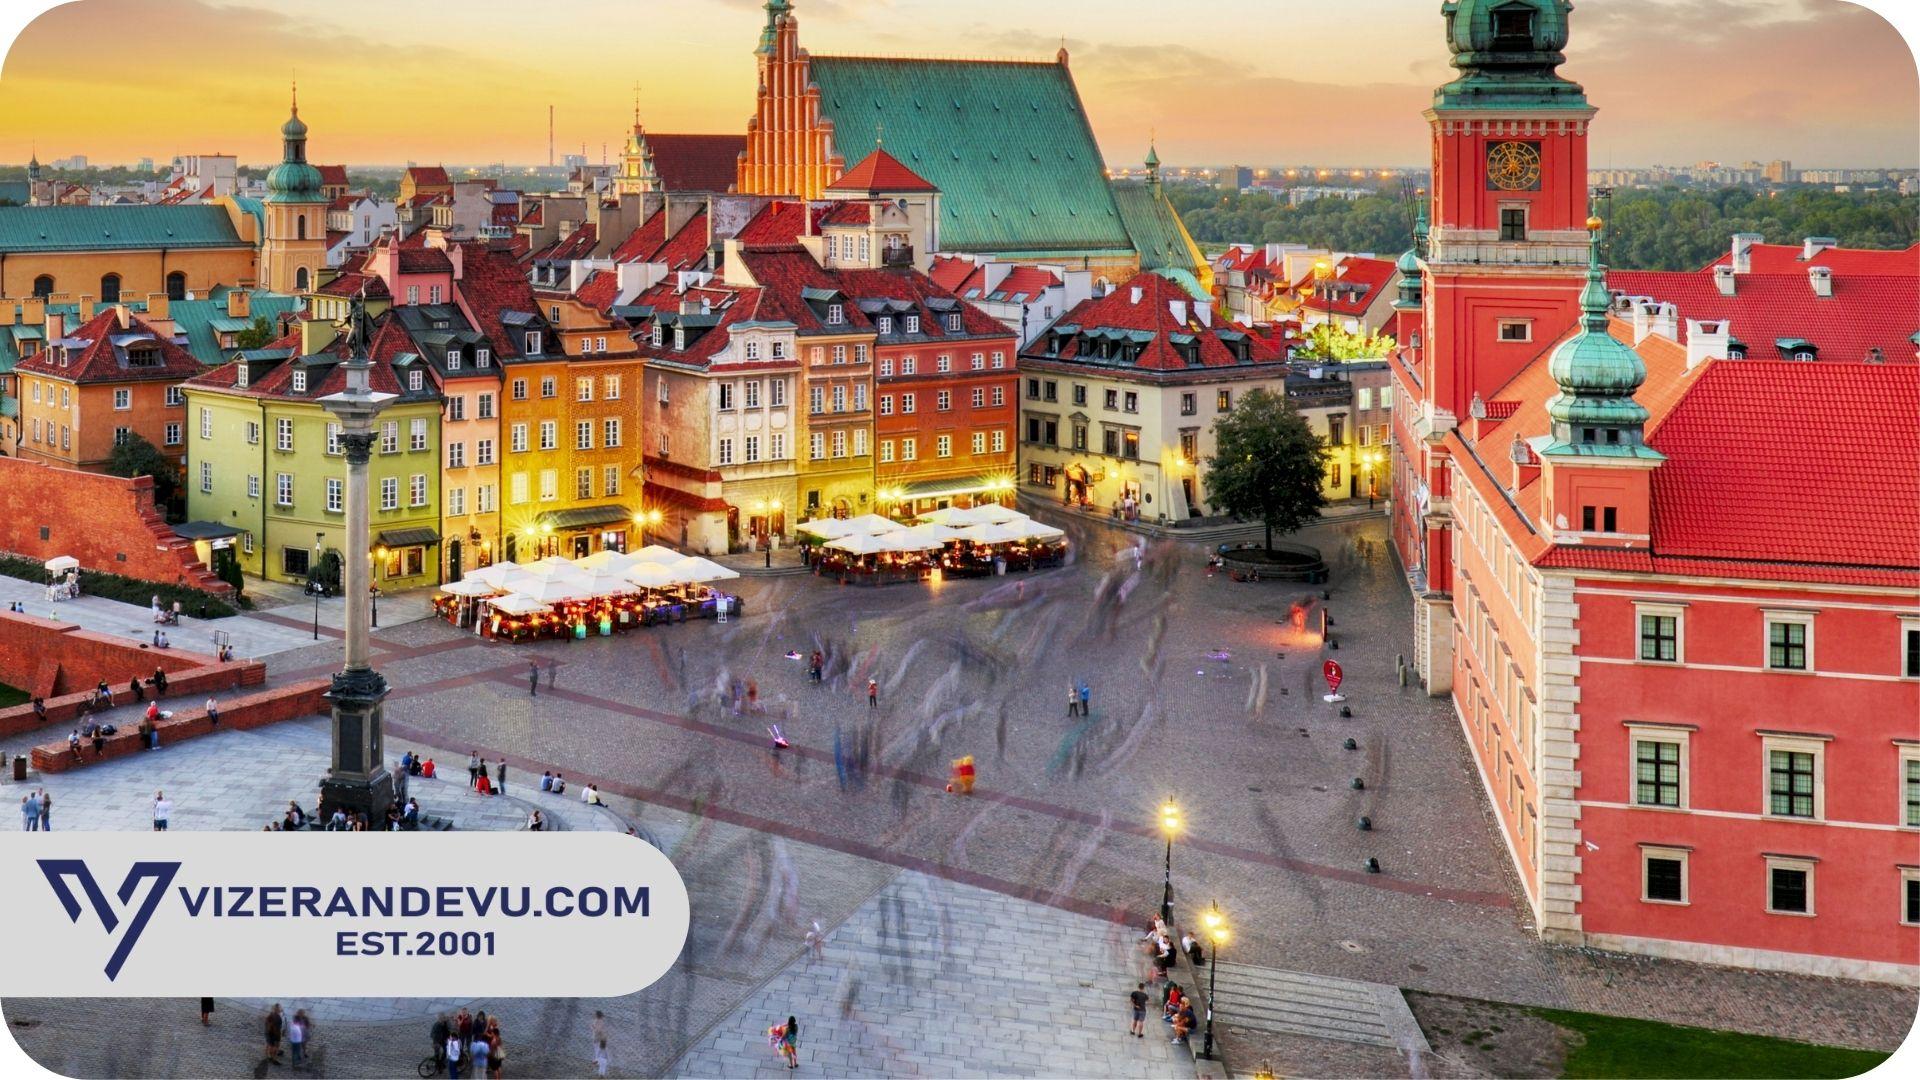 Polonya Erasmus Vizesi-Eğitim ve Öğrenci Vizesi